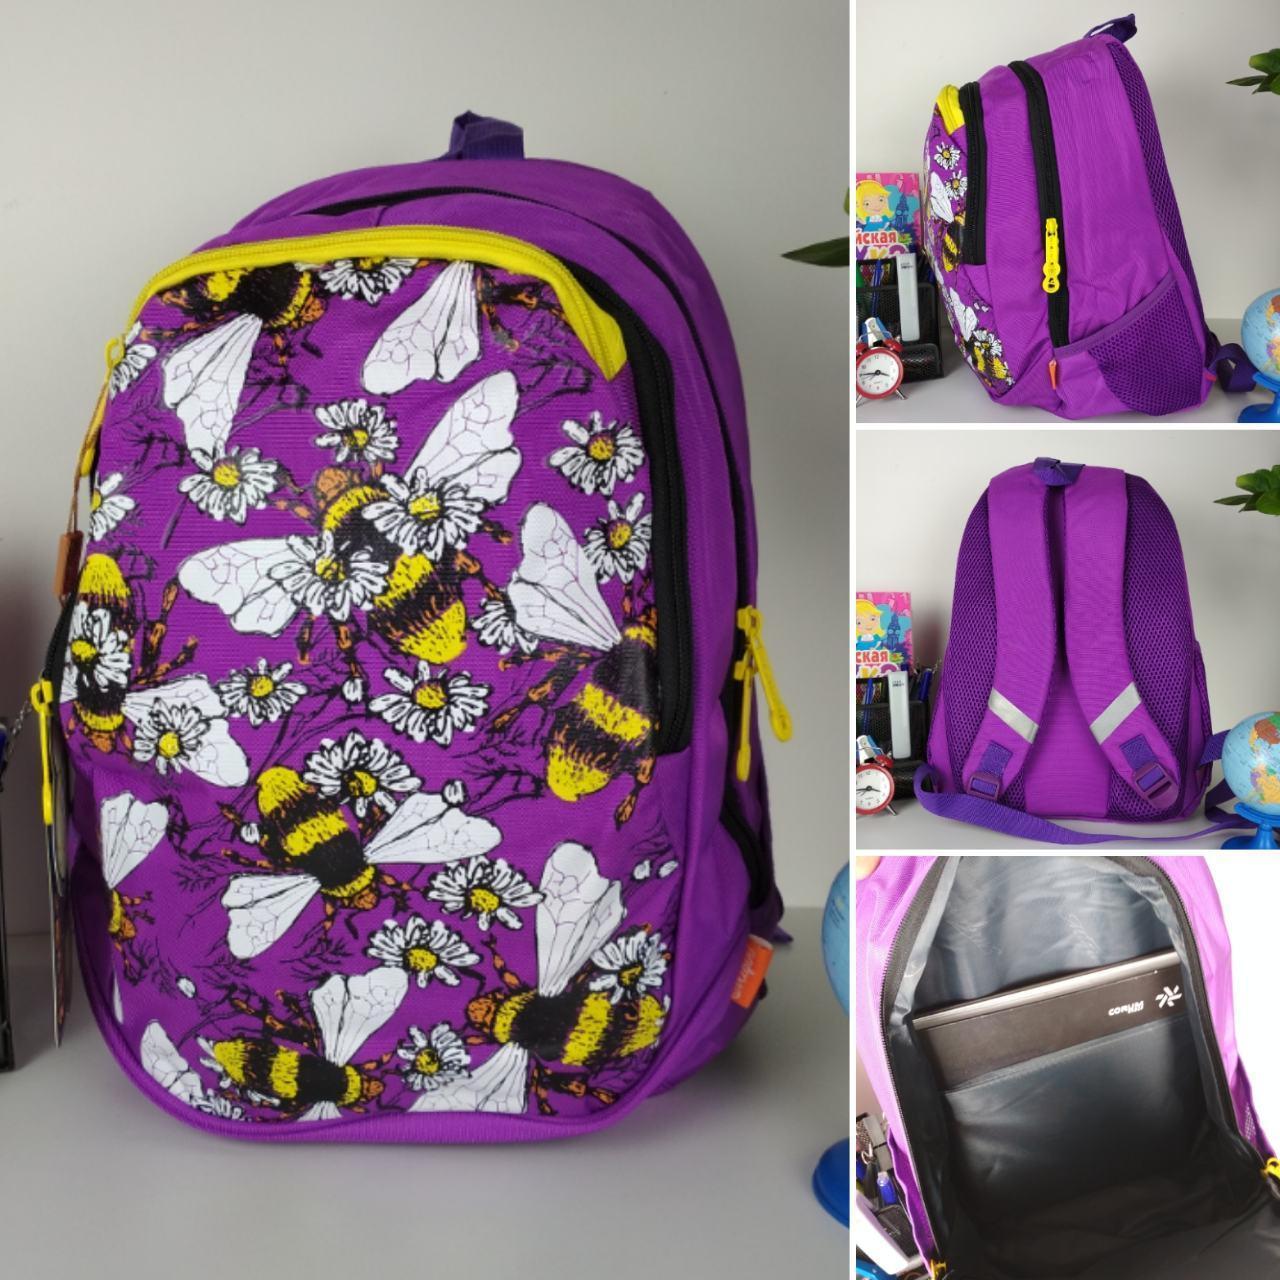 Фиолетовый школьный рюкзак с принтом пчелы для девочки 40*27*21 см